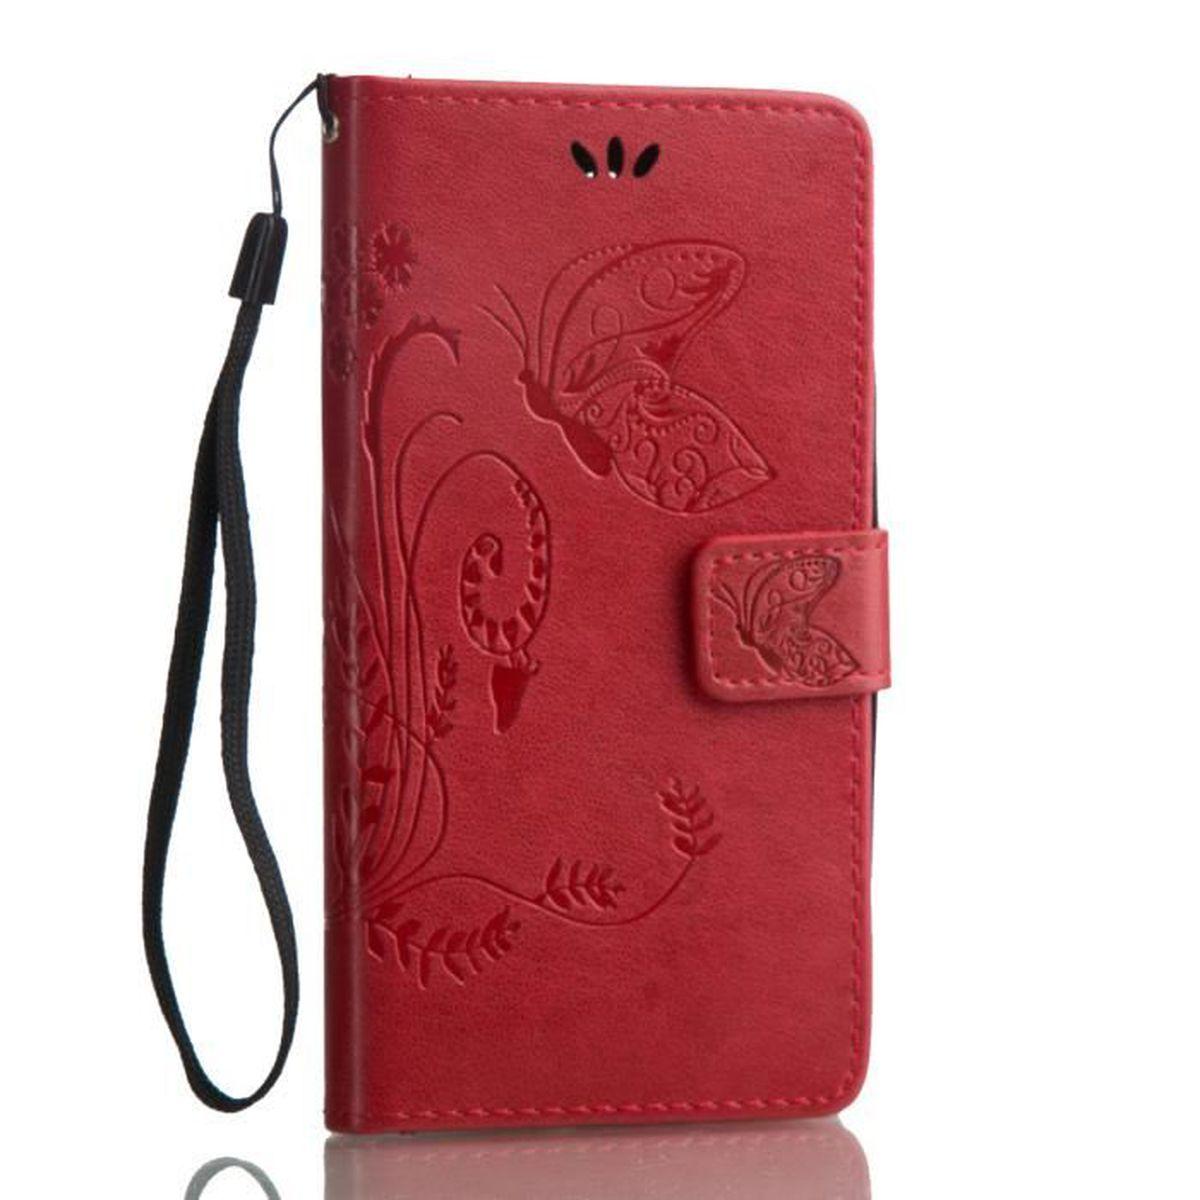 Huawei y5 ii coque tui rabat portefeuille protection for Housse huawei y5 ii